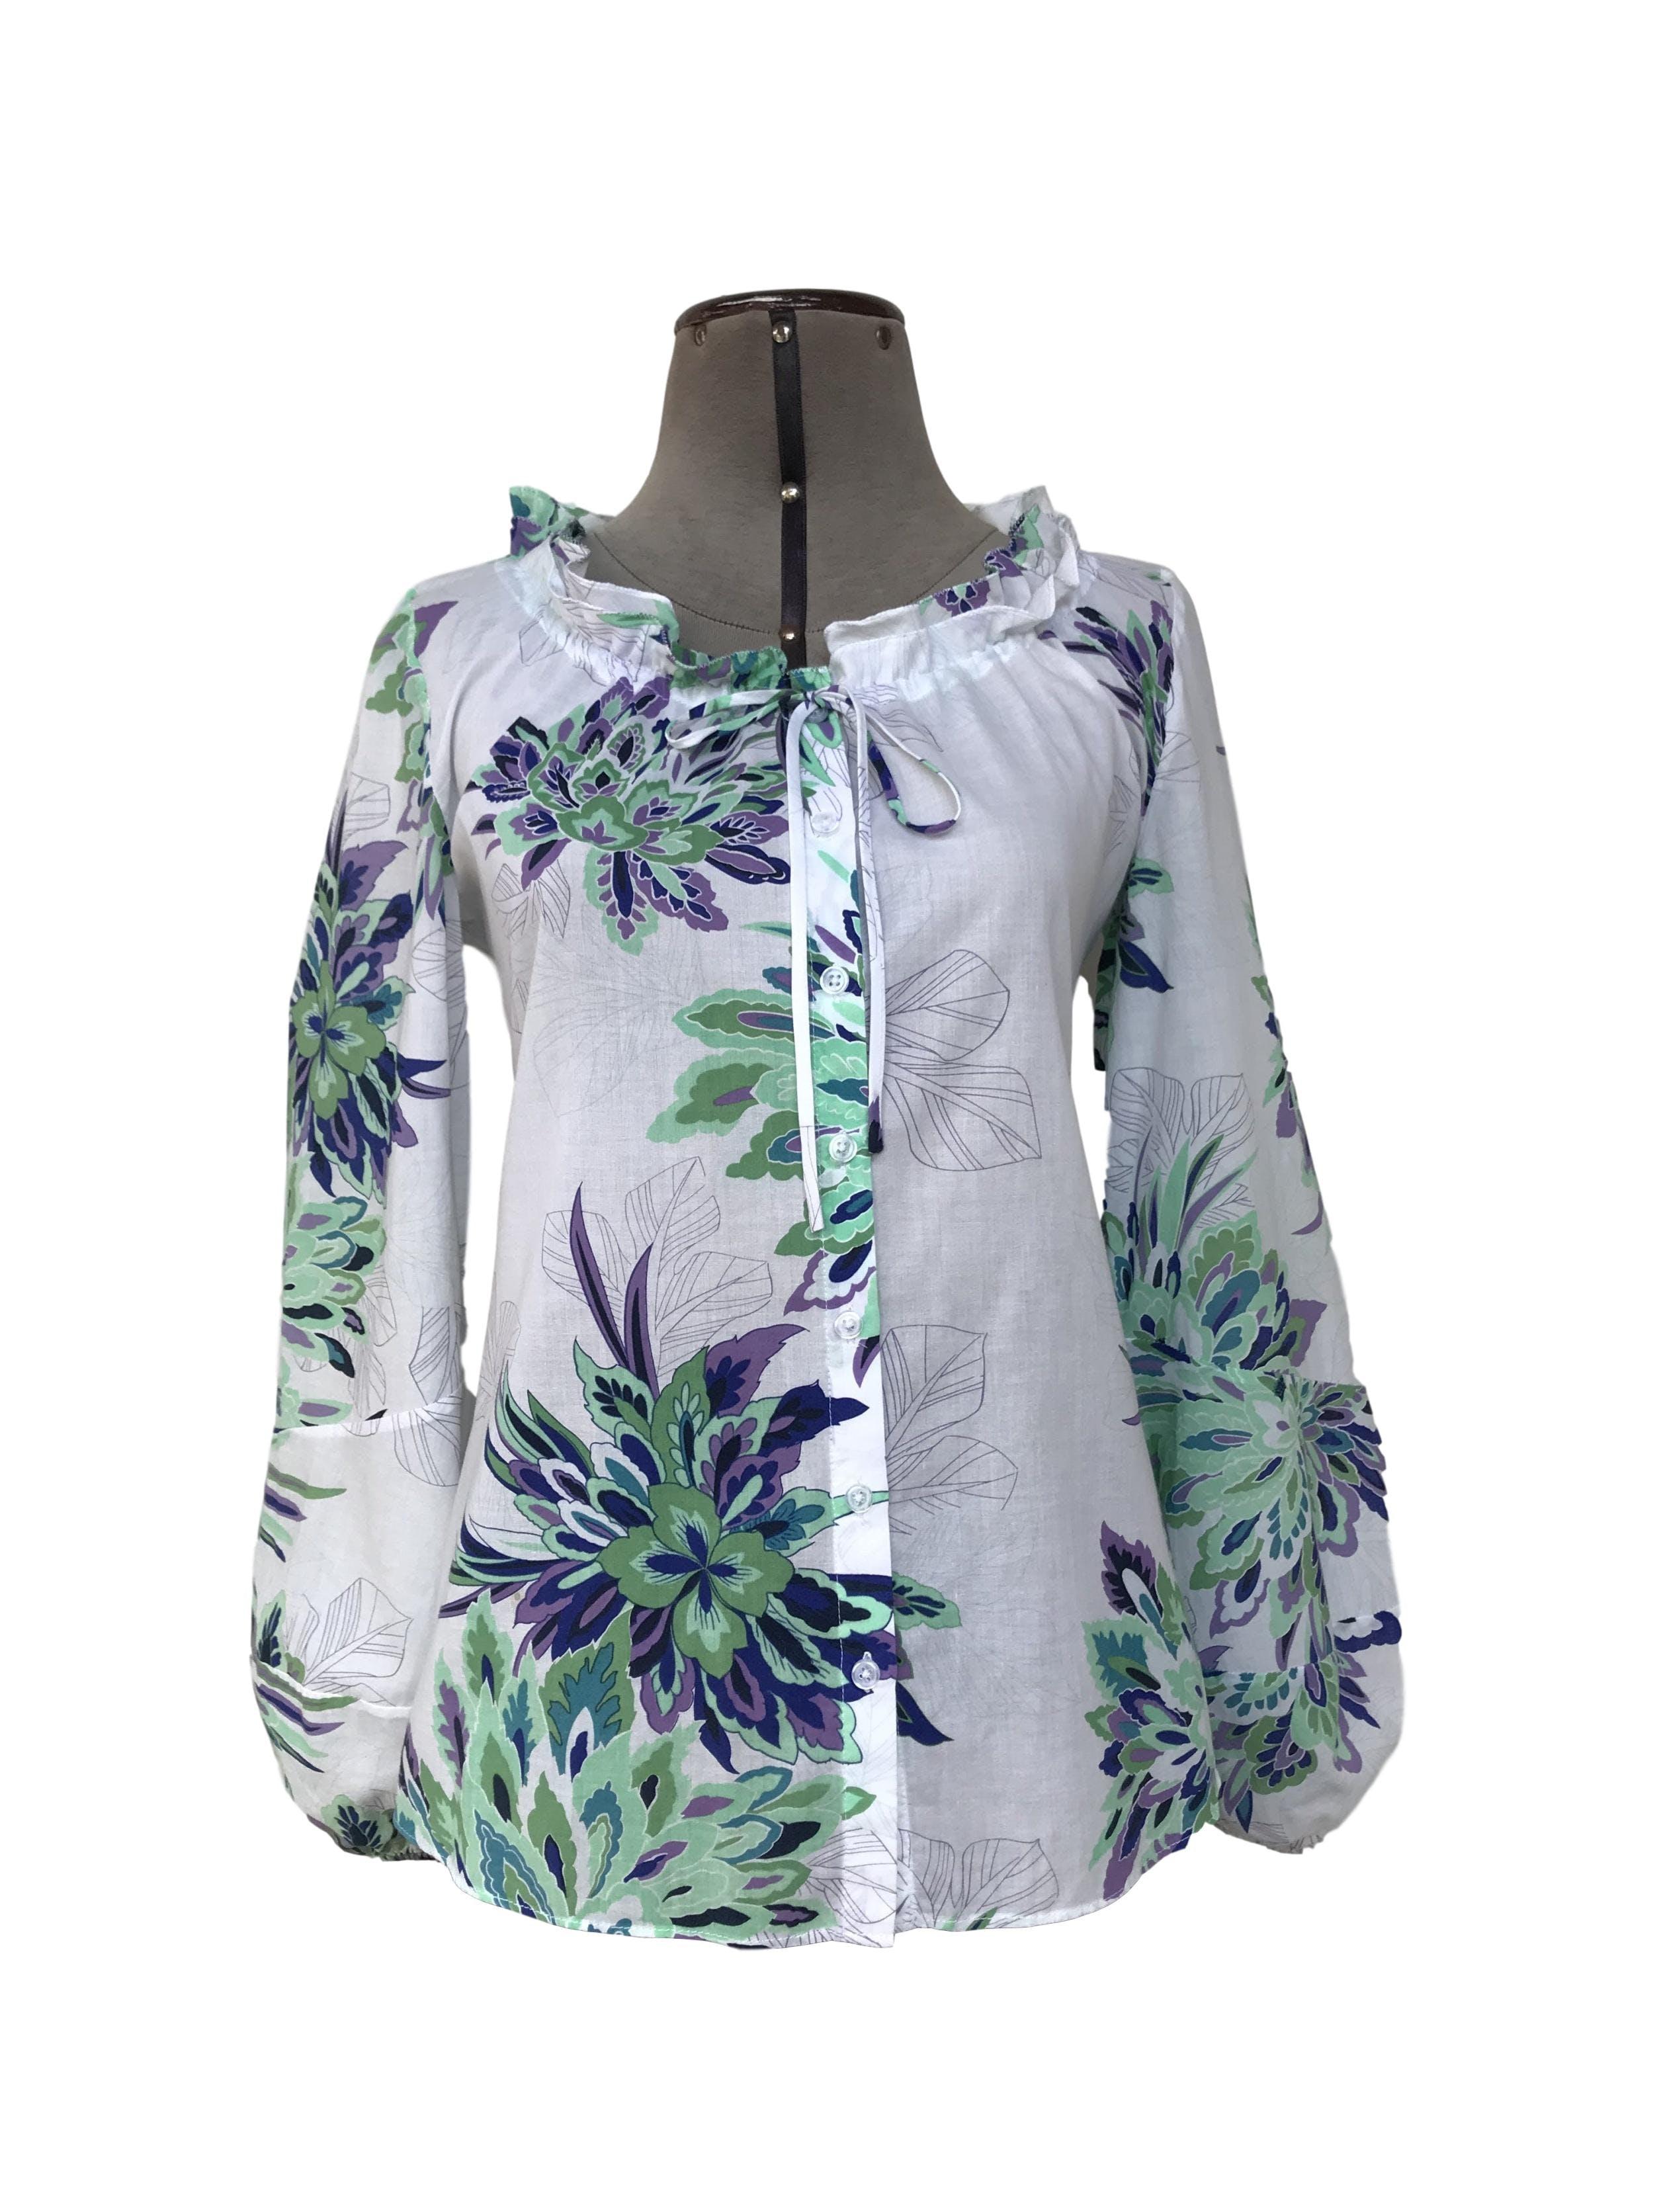 Blusa 100% algodón blanca con estampado de flores verdes y moradas, fila de botones centrales, cuello recogido con pasador y mangas bombachas con elástico en puños Talla M